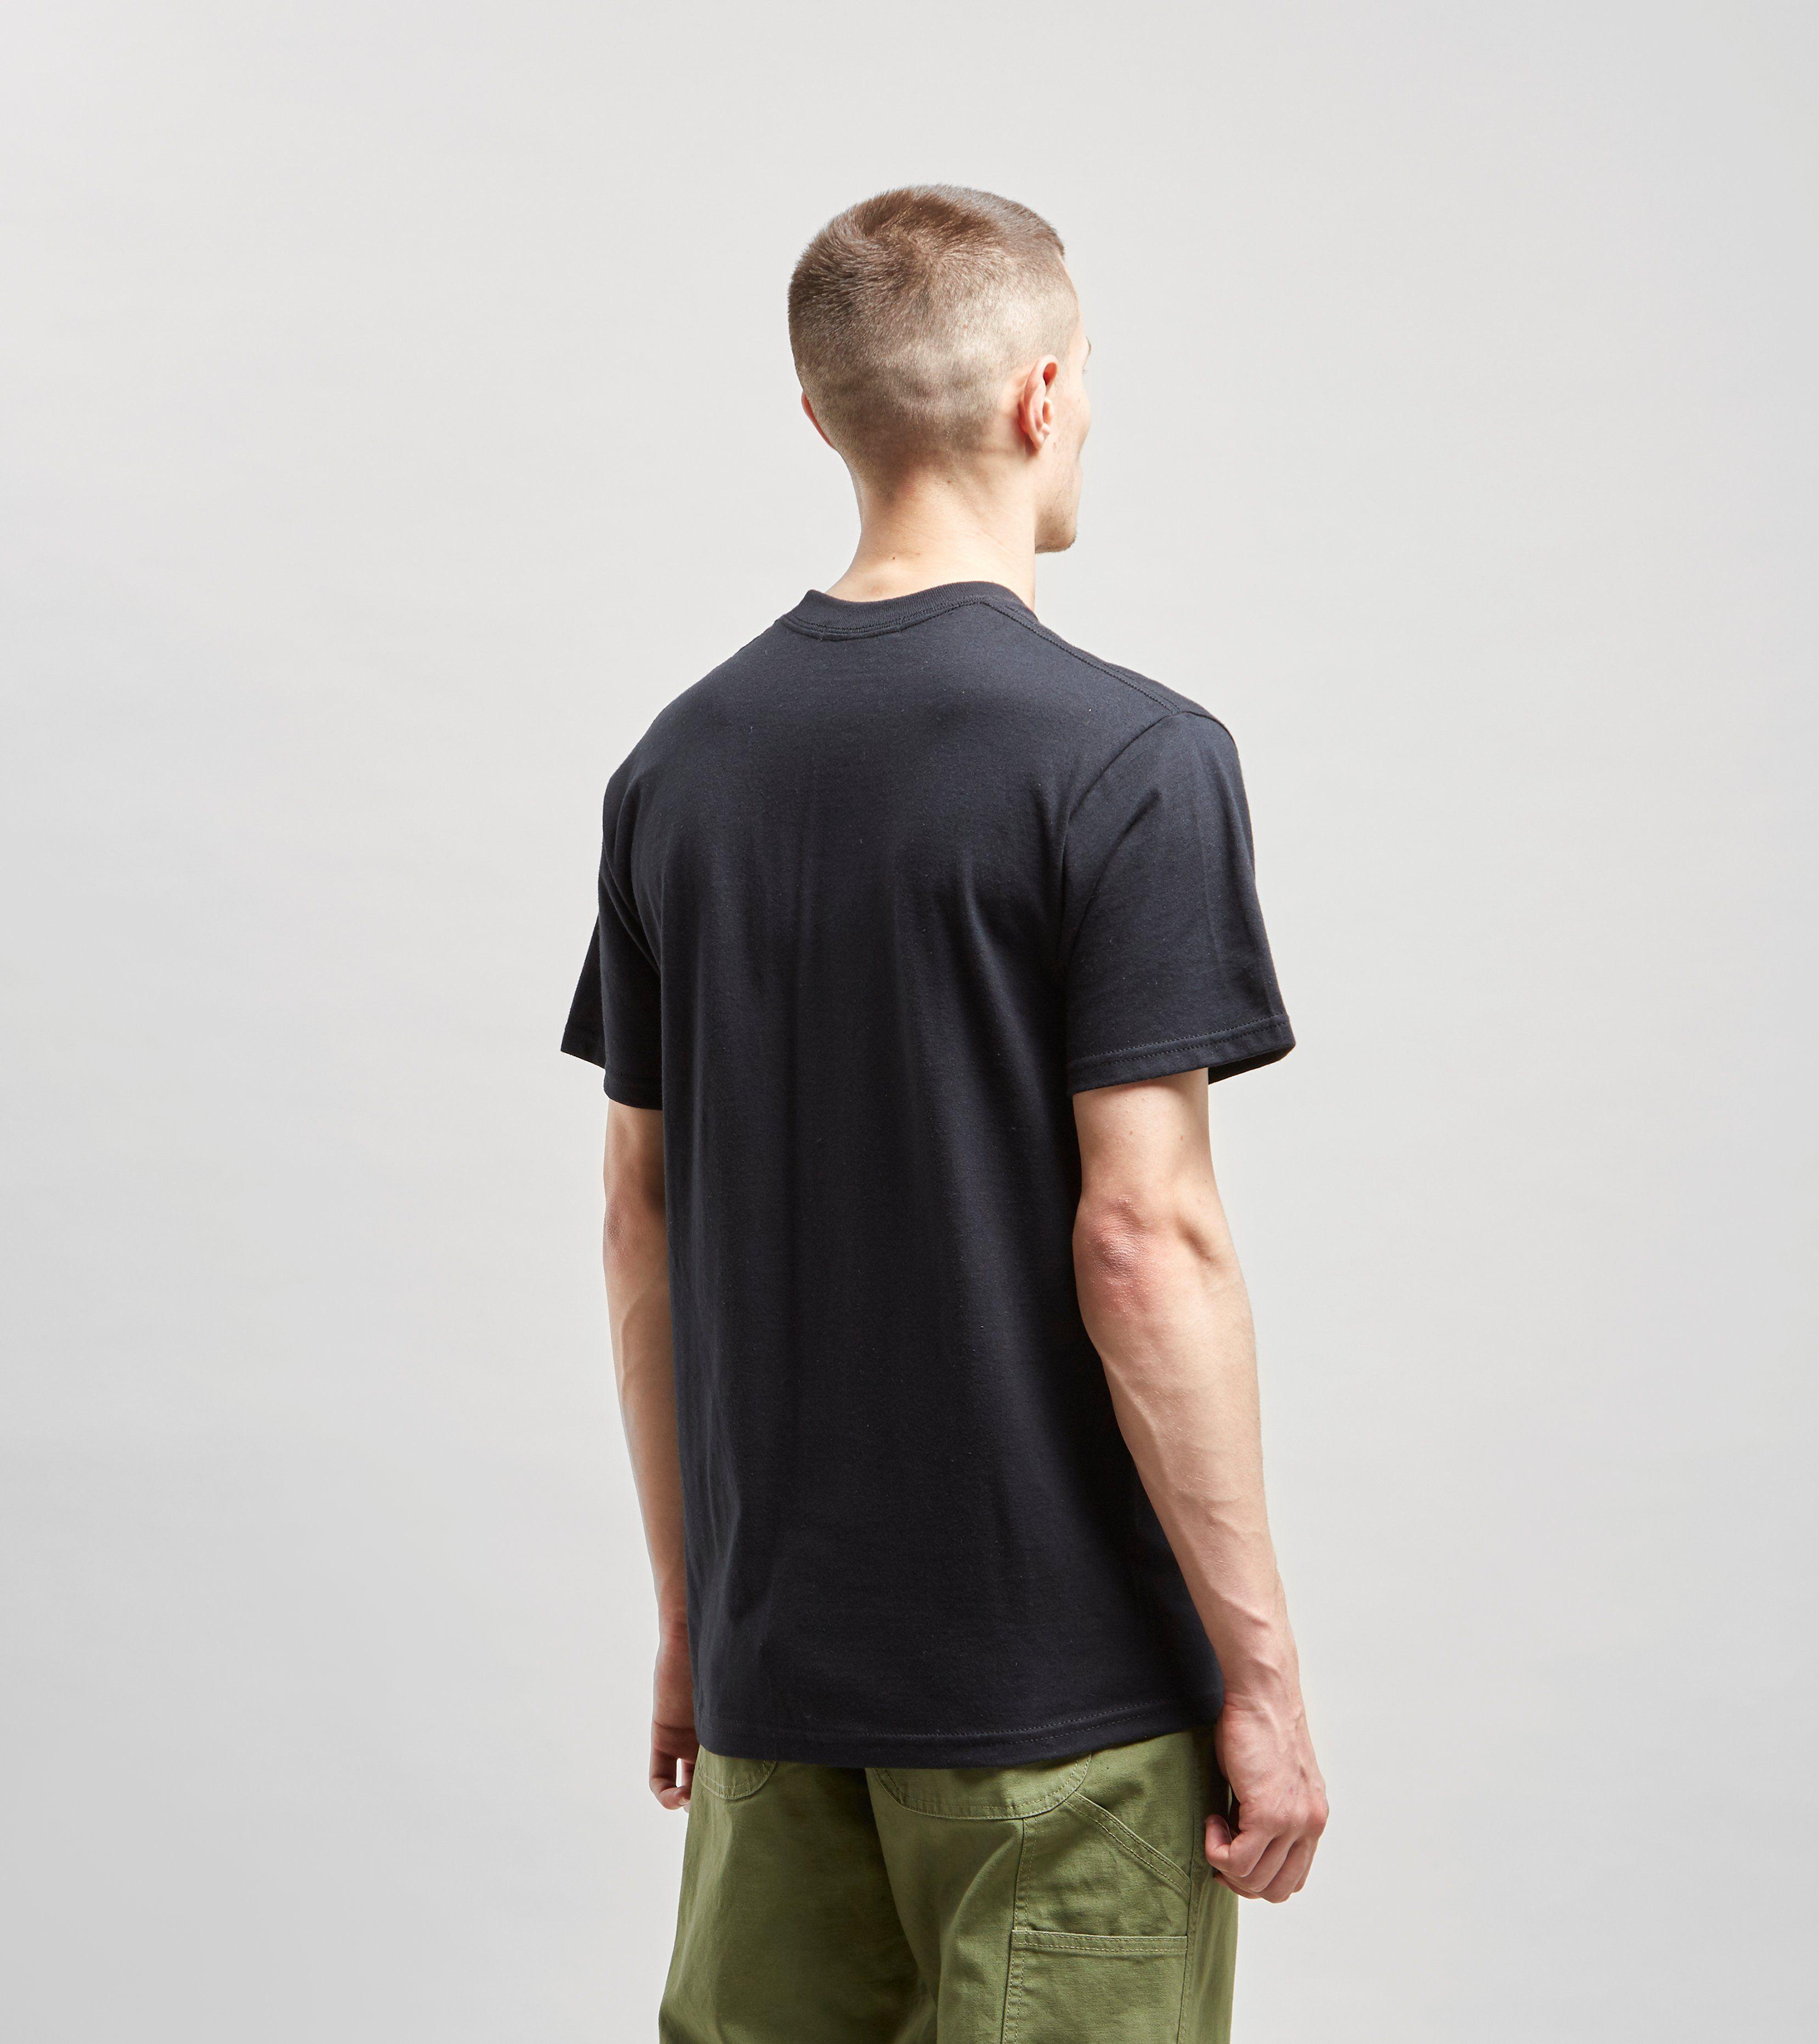 Tonal Sin T-Shirt